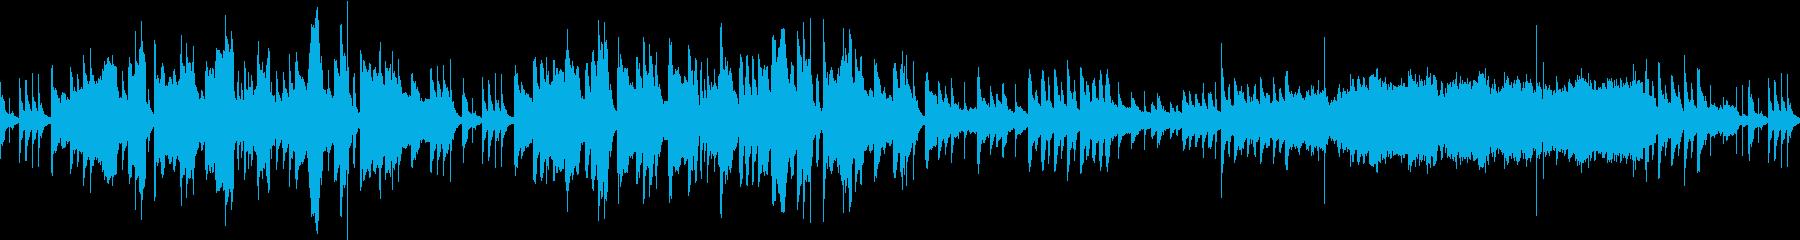 中華風の素朴なBGMの再生済みの波形